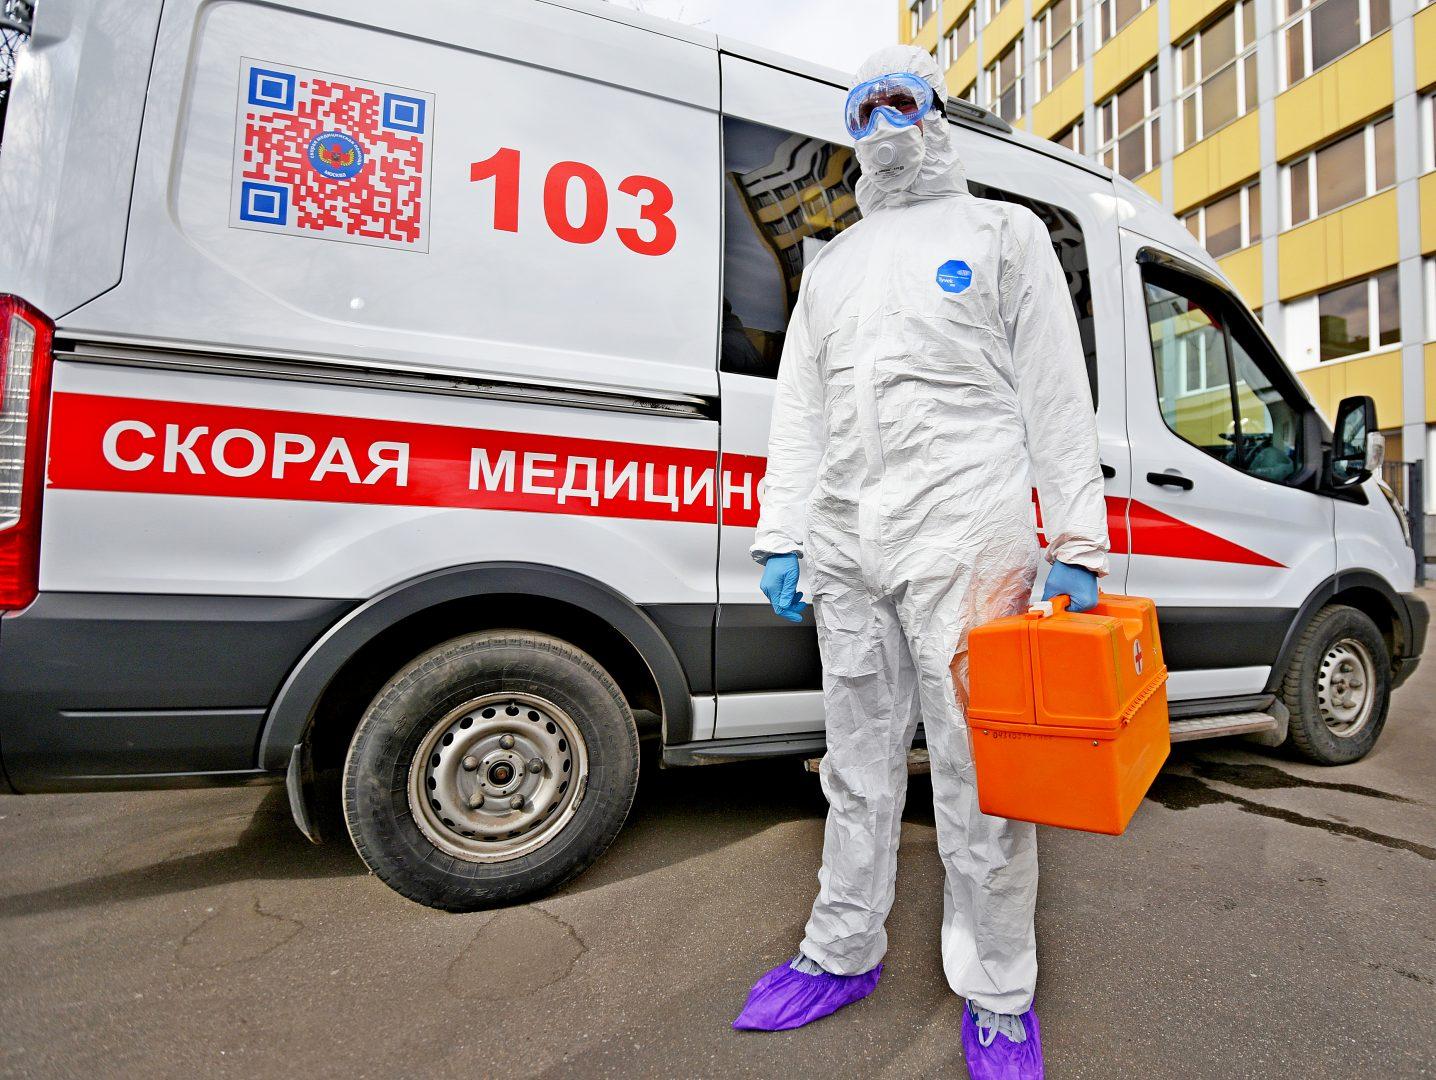 Еще 963 человека вылечились от COVID-19 в Москве. Фото: Александр Кожохин